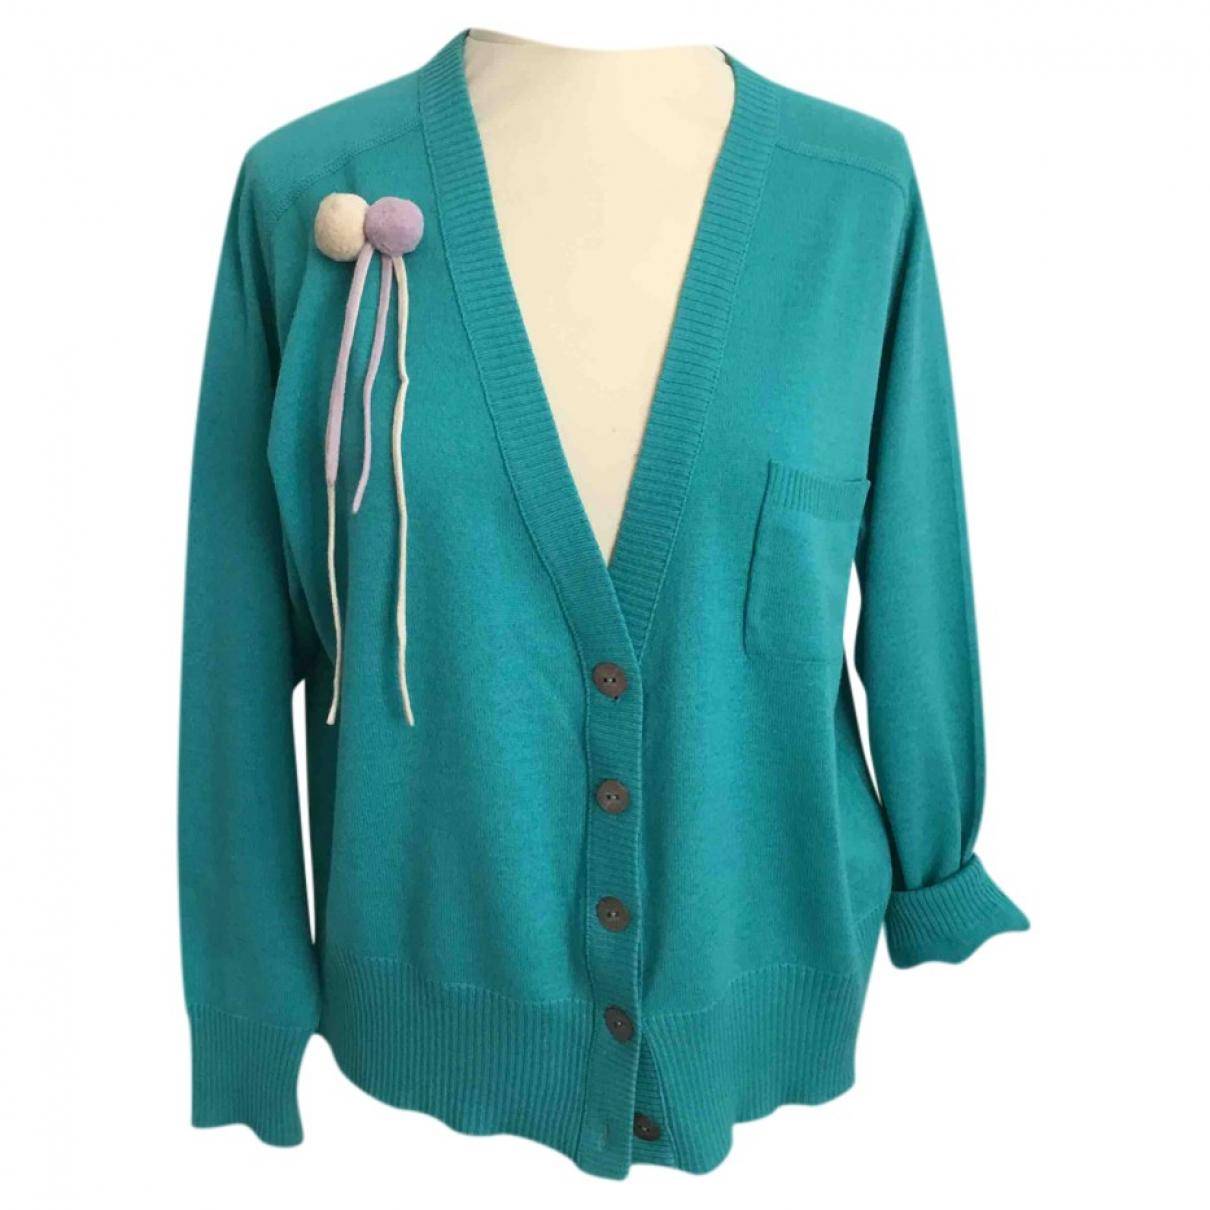 Christian Lacroix - Pull   pour femme en laine - turquoise